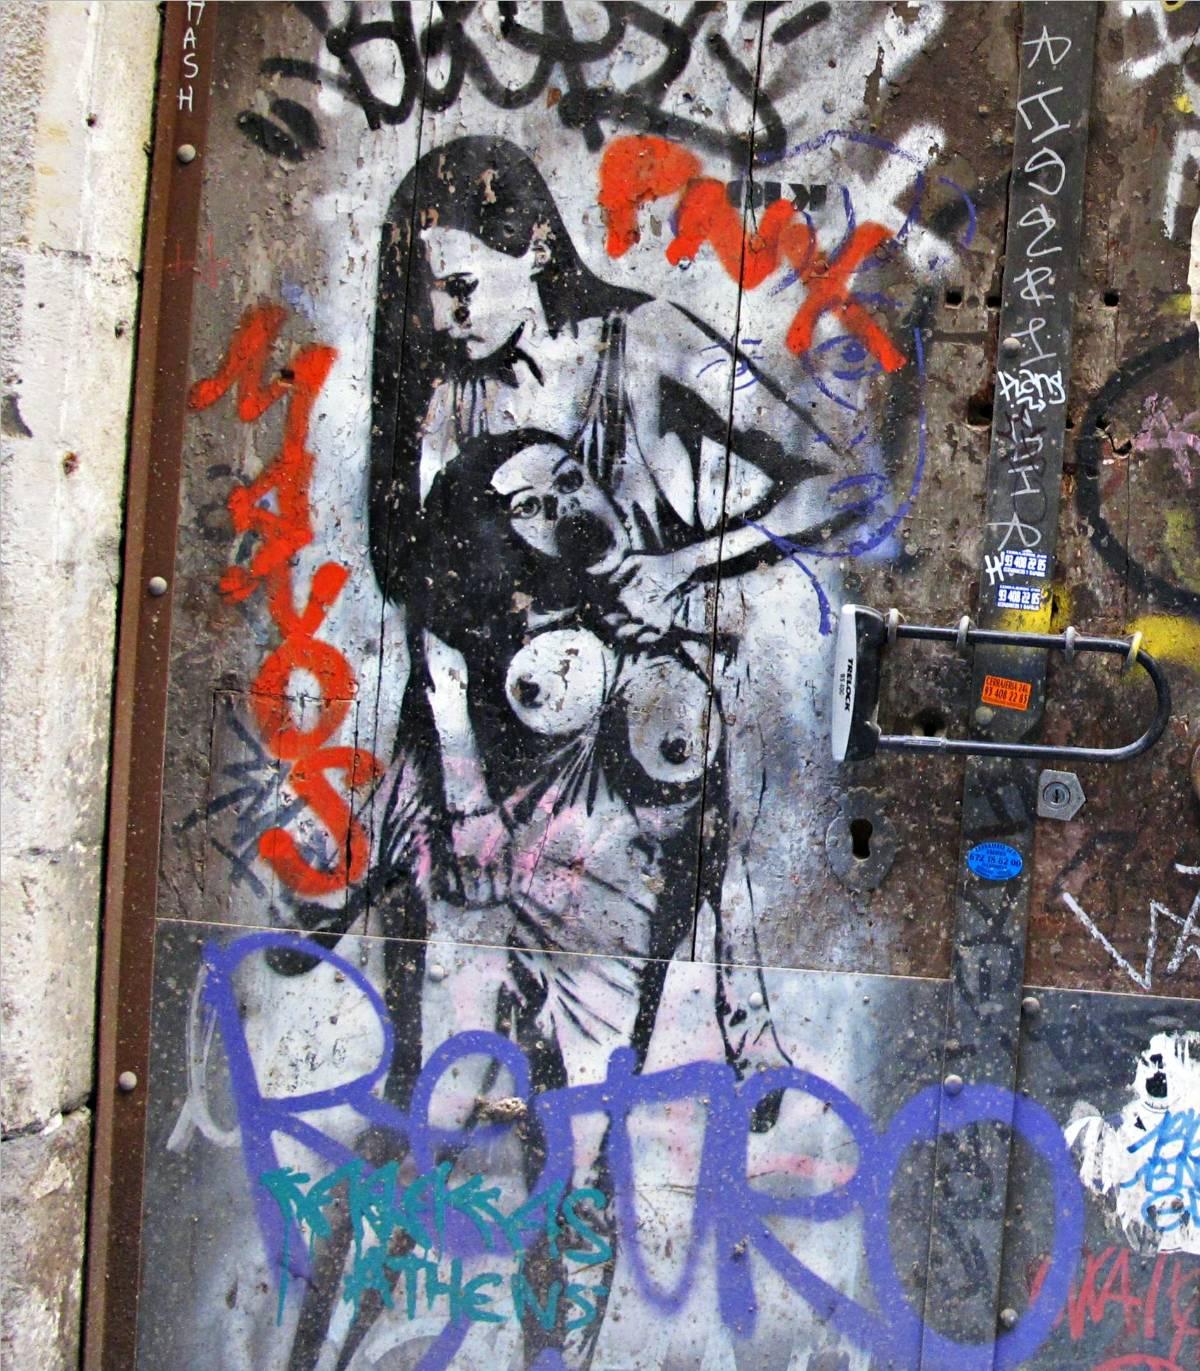 Entre el artista y el espectador se establece una comunicación a través de un mensaje que, en muchos casos, tiene mucha carga social. En el graffiti